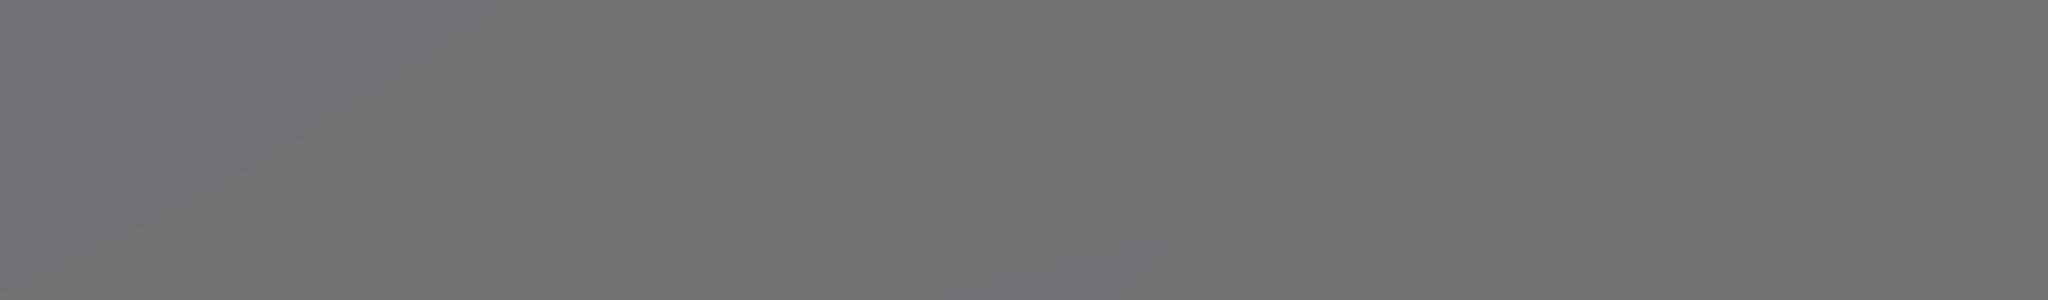 HU 171229 ABS hrana šedá hladká lesk 90°